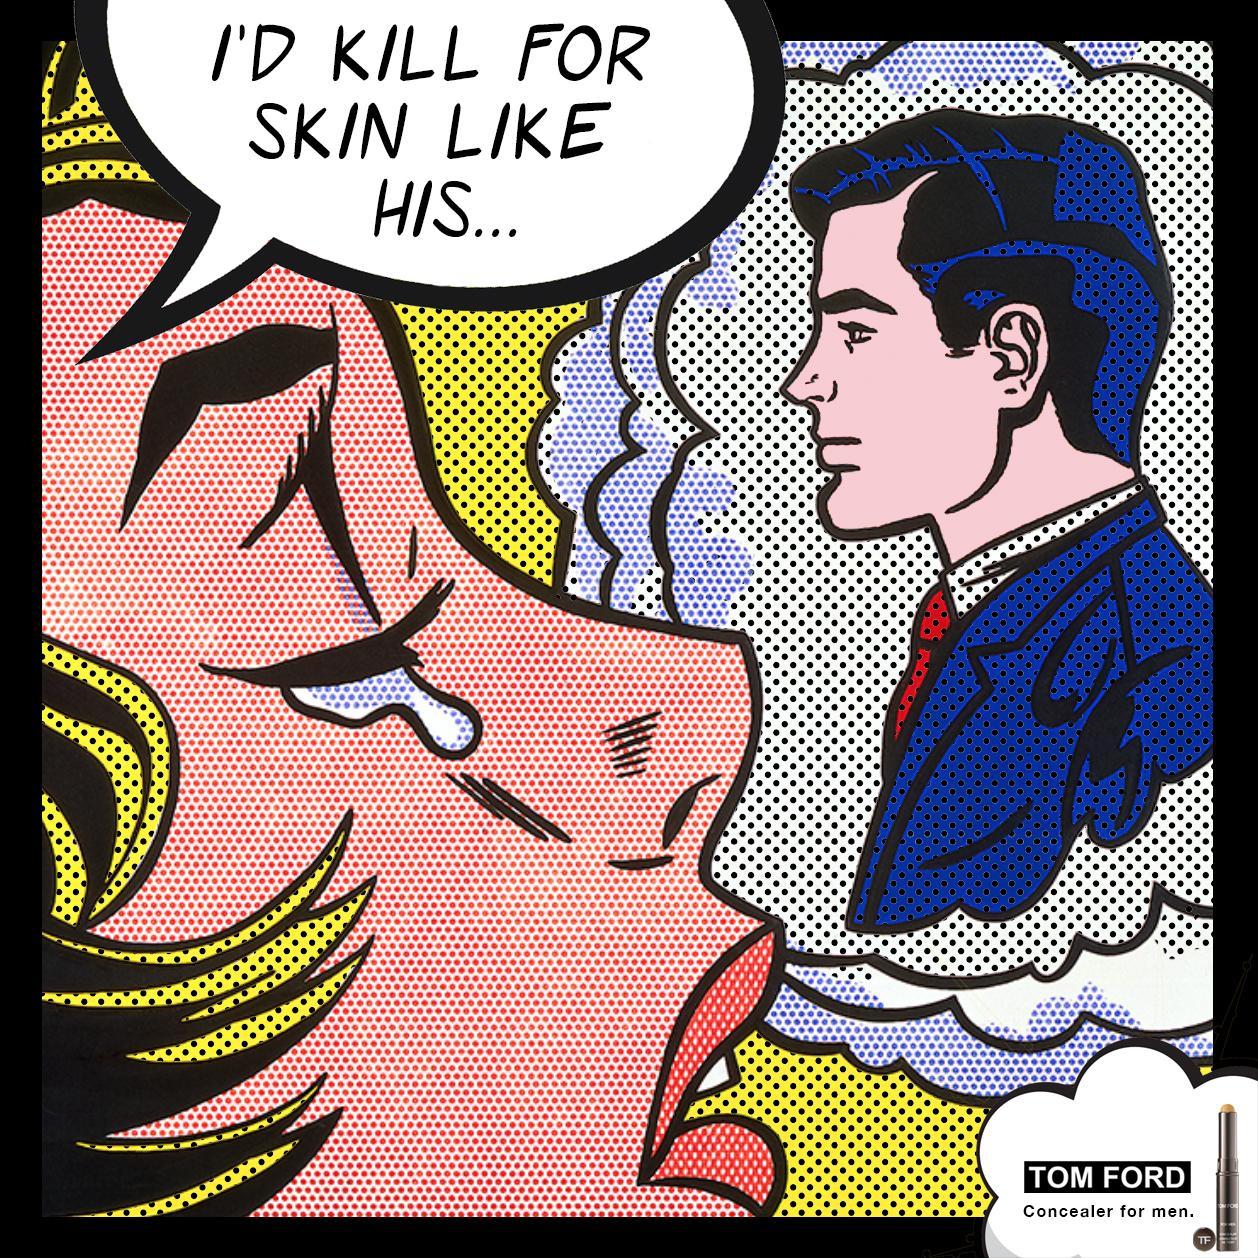 Tom Ford Outdoor Ad - Concealer for Men